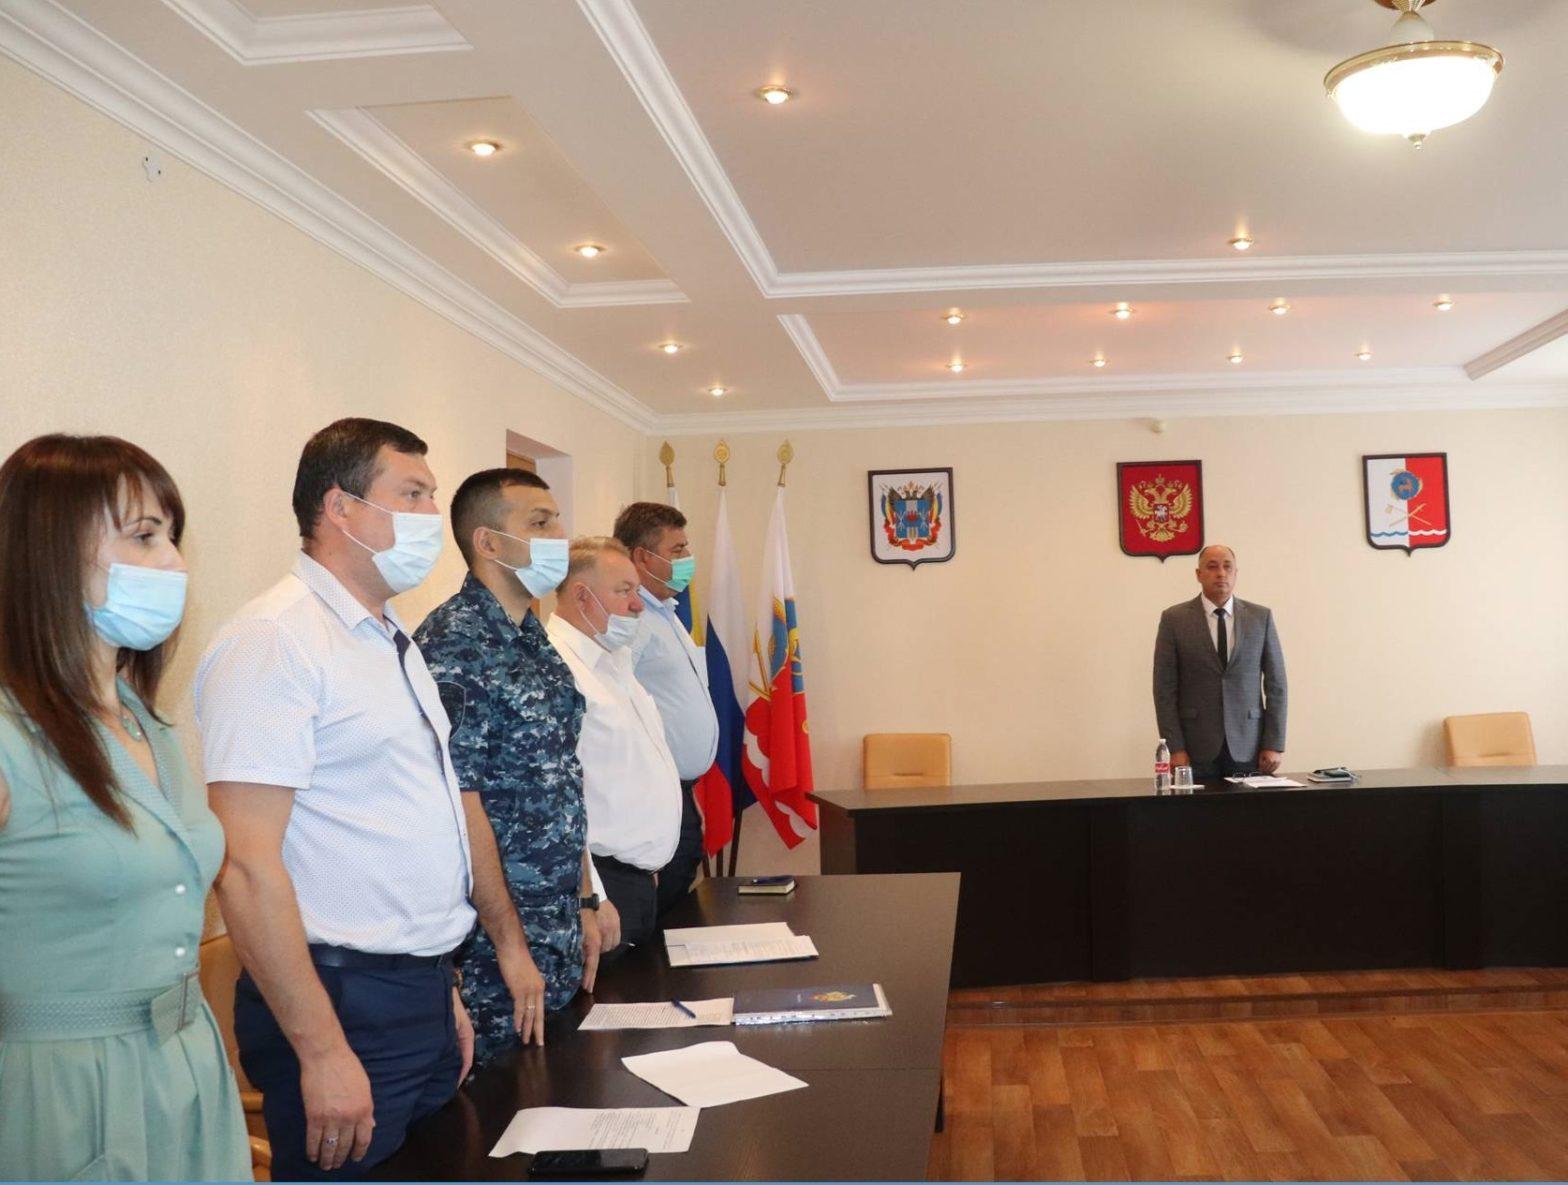 Глава Администрации города Каменска-Шахтинского Владимир Шевченко провёл планёрное совещание